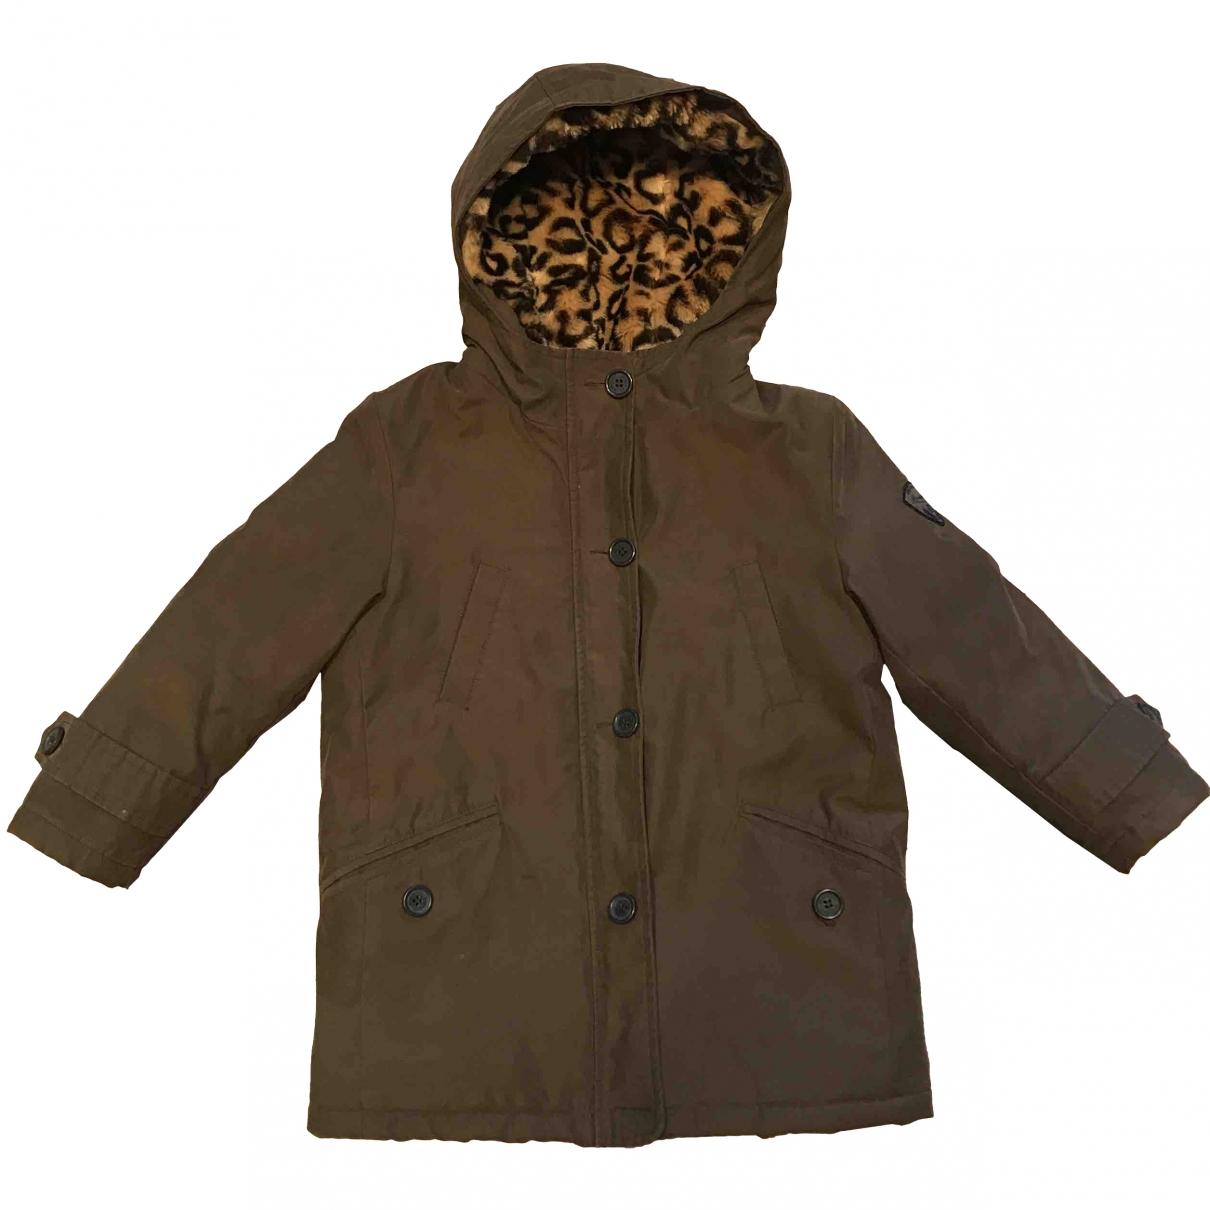 Bonpoint \N Khaki jacket & coat for Kids 4 years